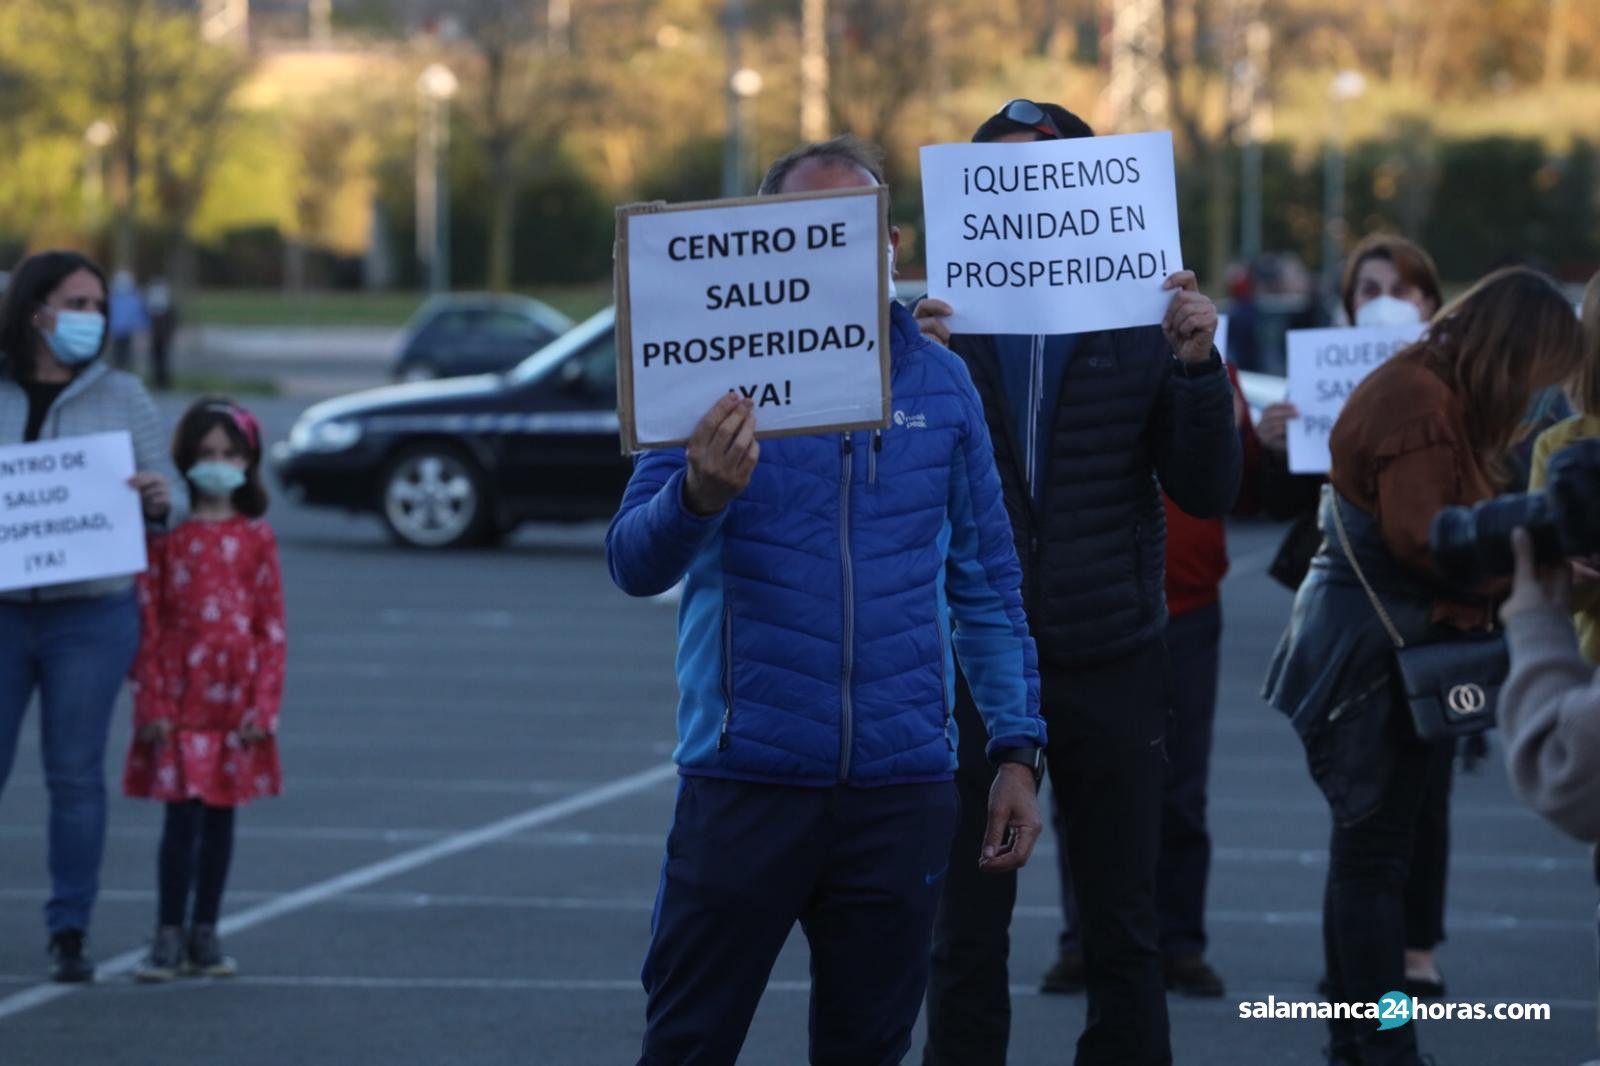 Protesta Prosperidad (5)